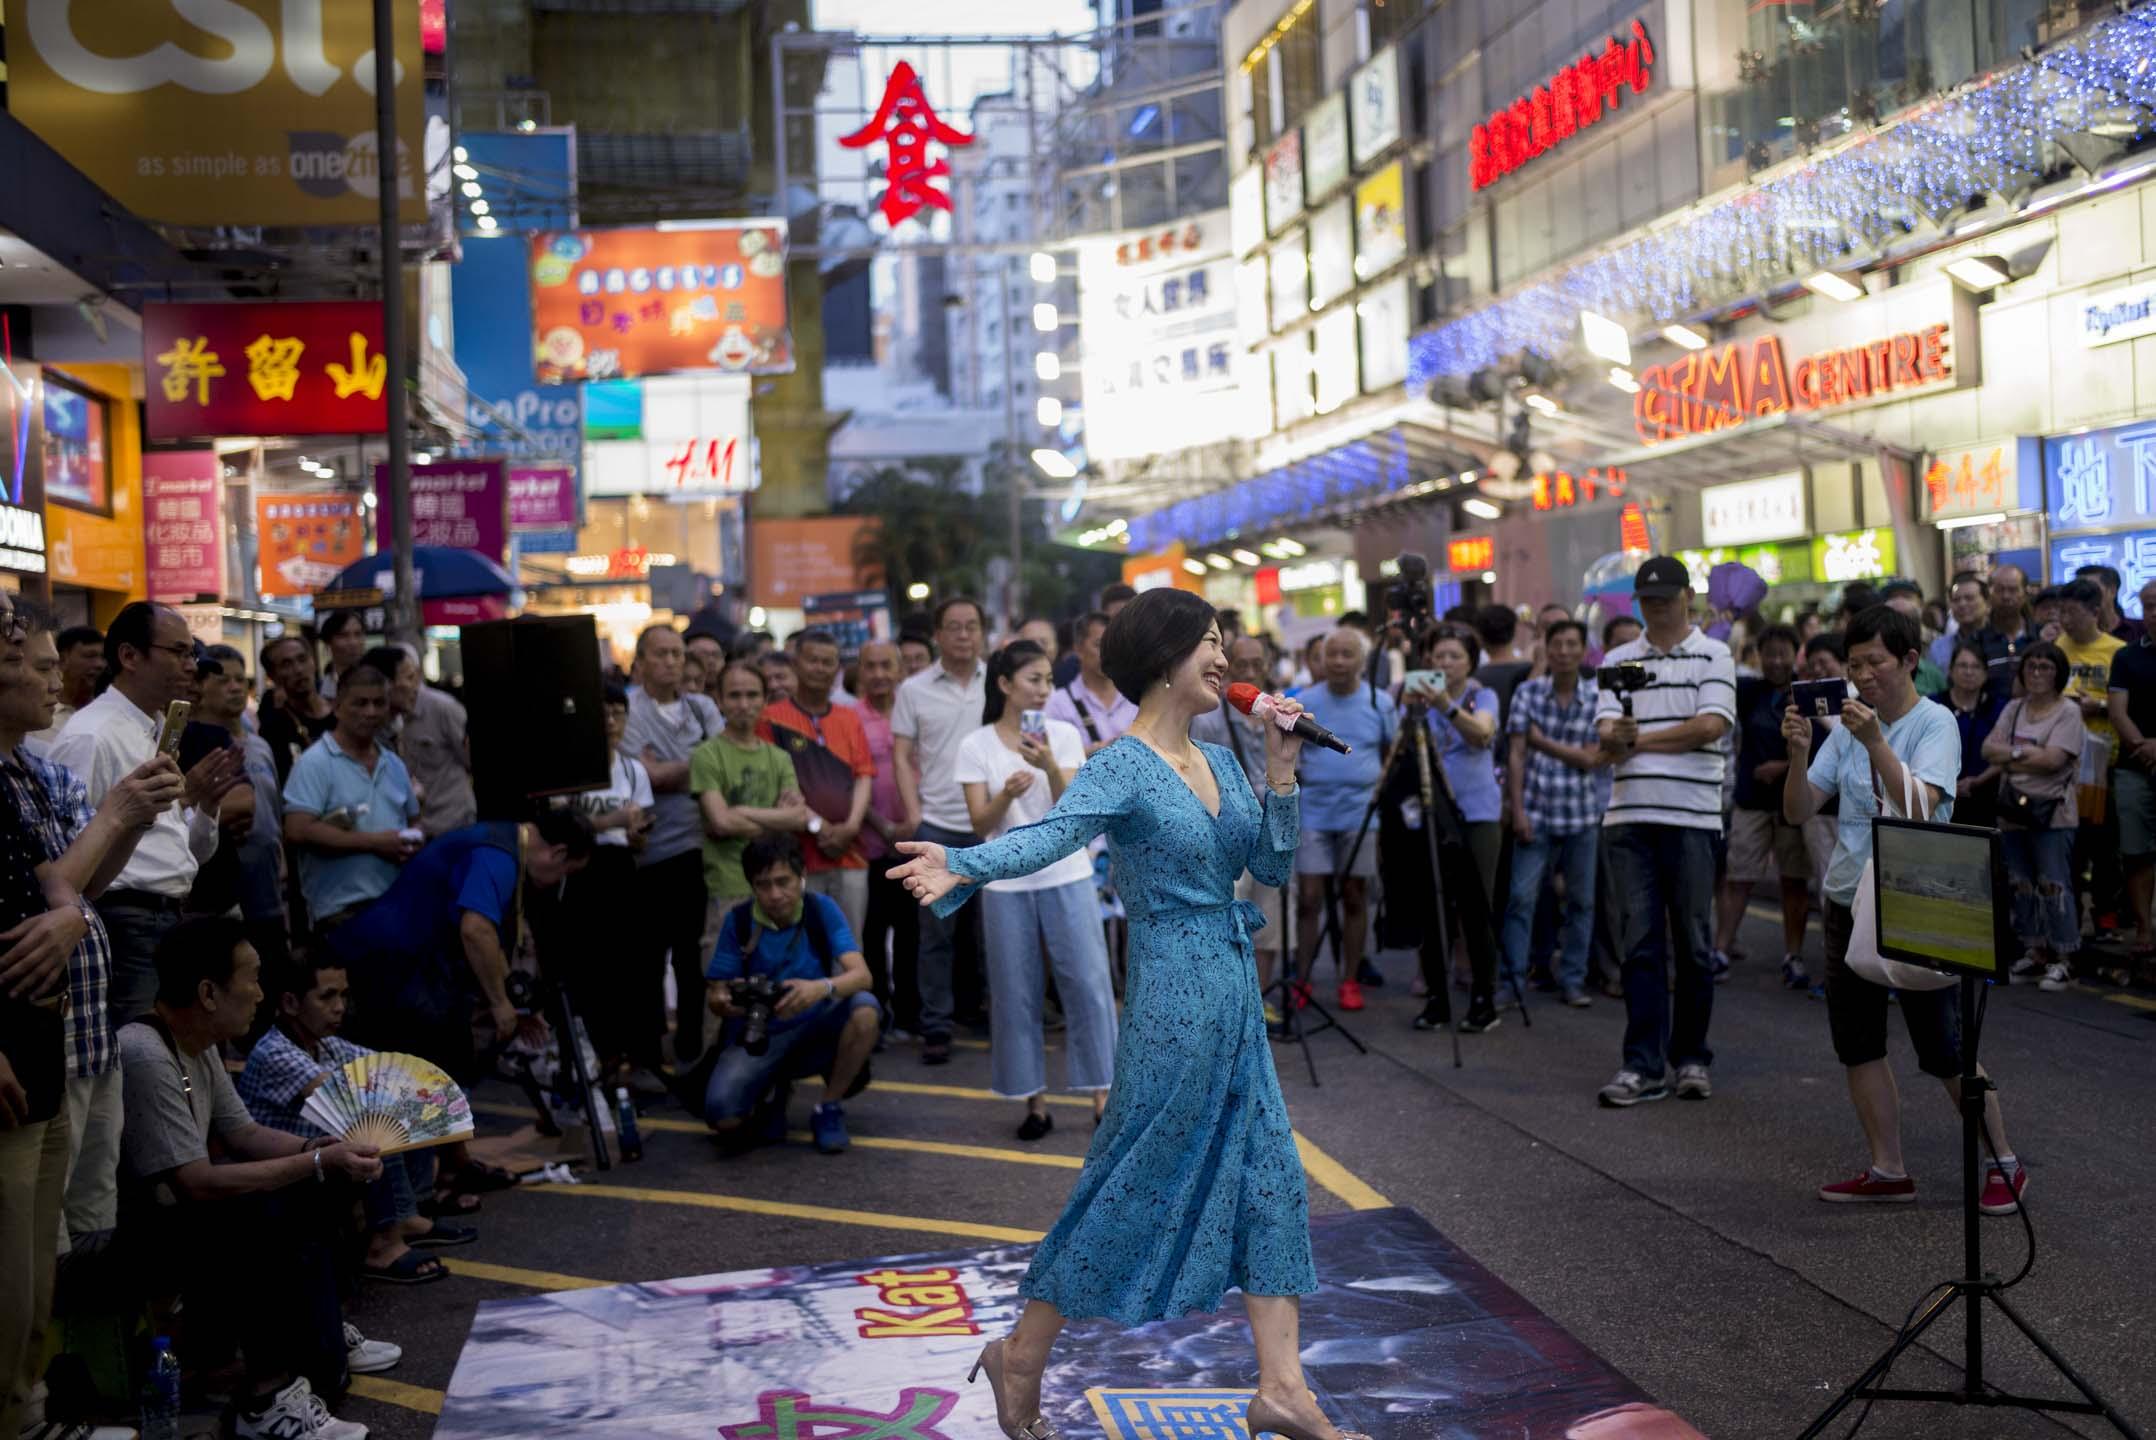 兆萬中心對面的「旺角羅文歌舞團」,數百名粉絲築成了三四層人牆,圍觀「整條街最紅」的歌手小龍女表演。  攝:林振東/端傳媒